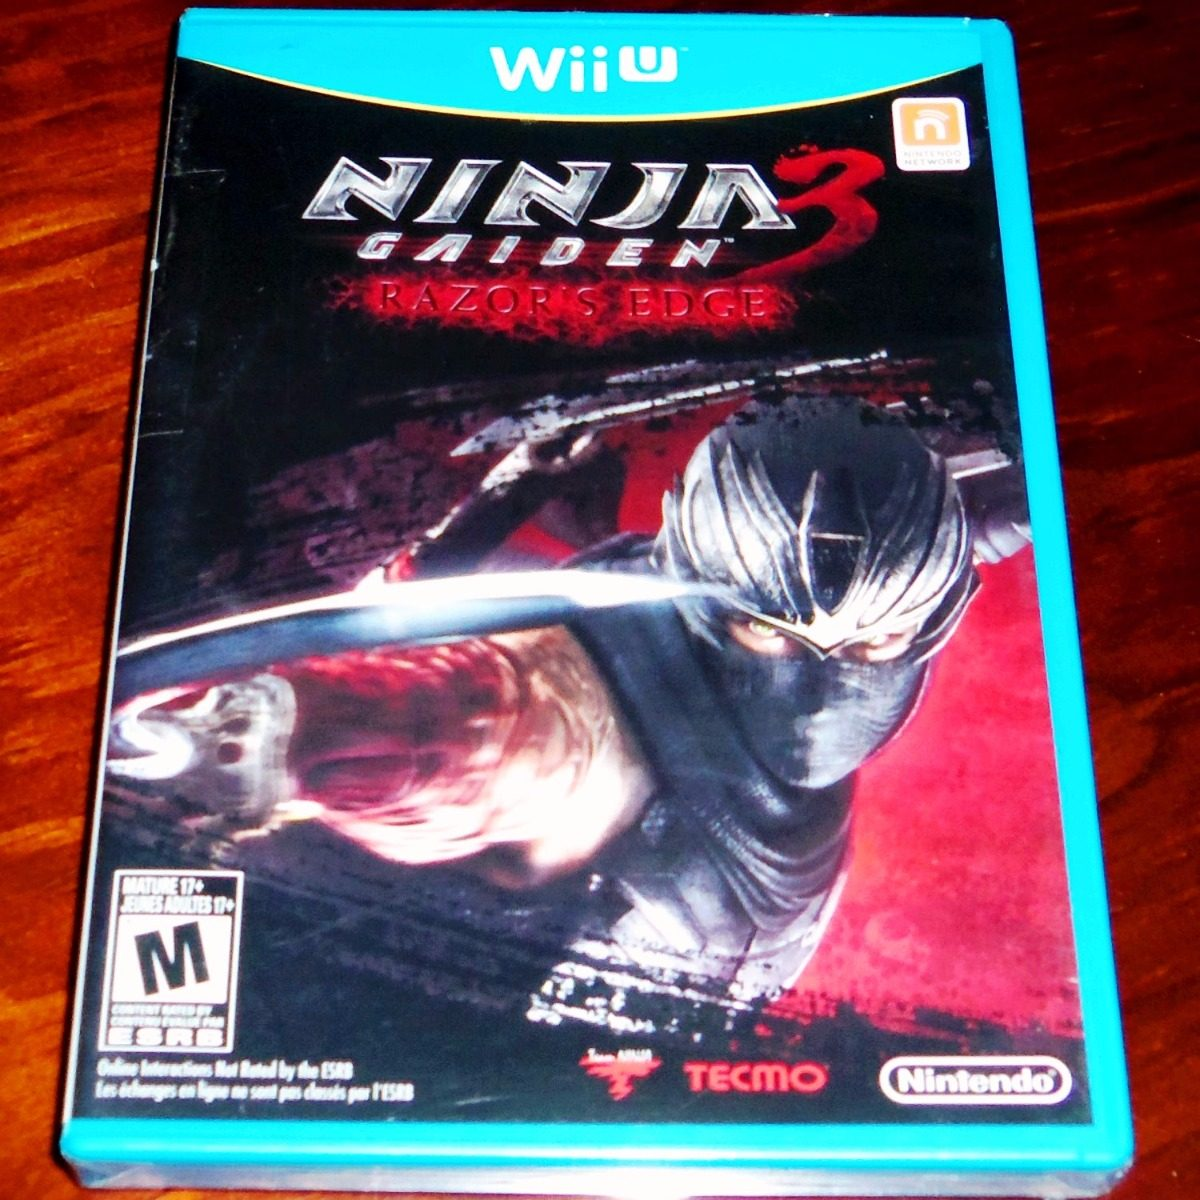 Videojuego Ninja Gaiden 3 Razor S Edge Wii U Nuevo Sellado 740 00 En Mercado Libre